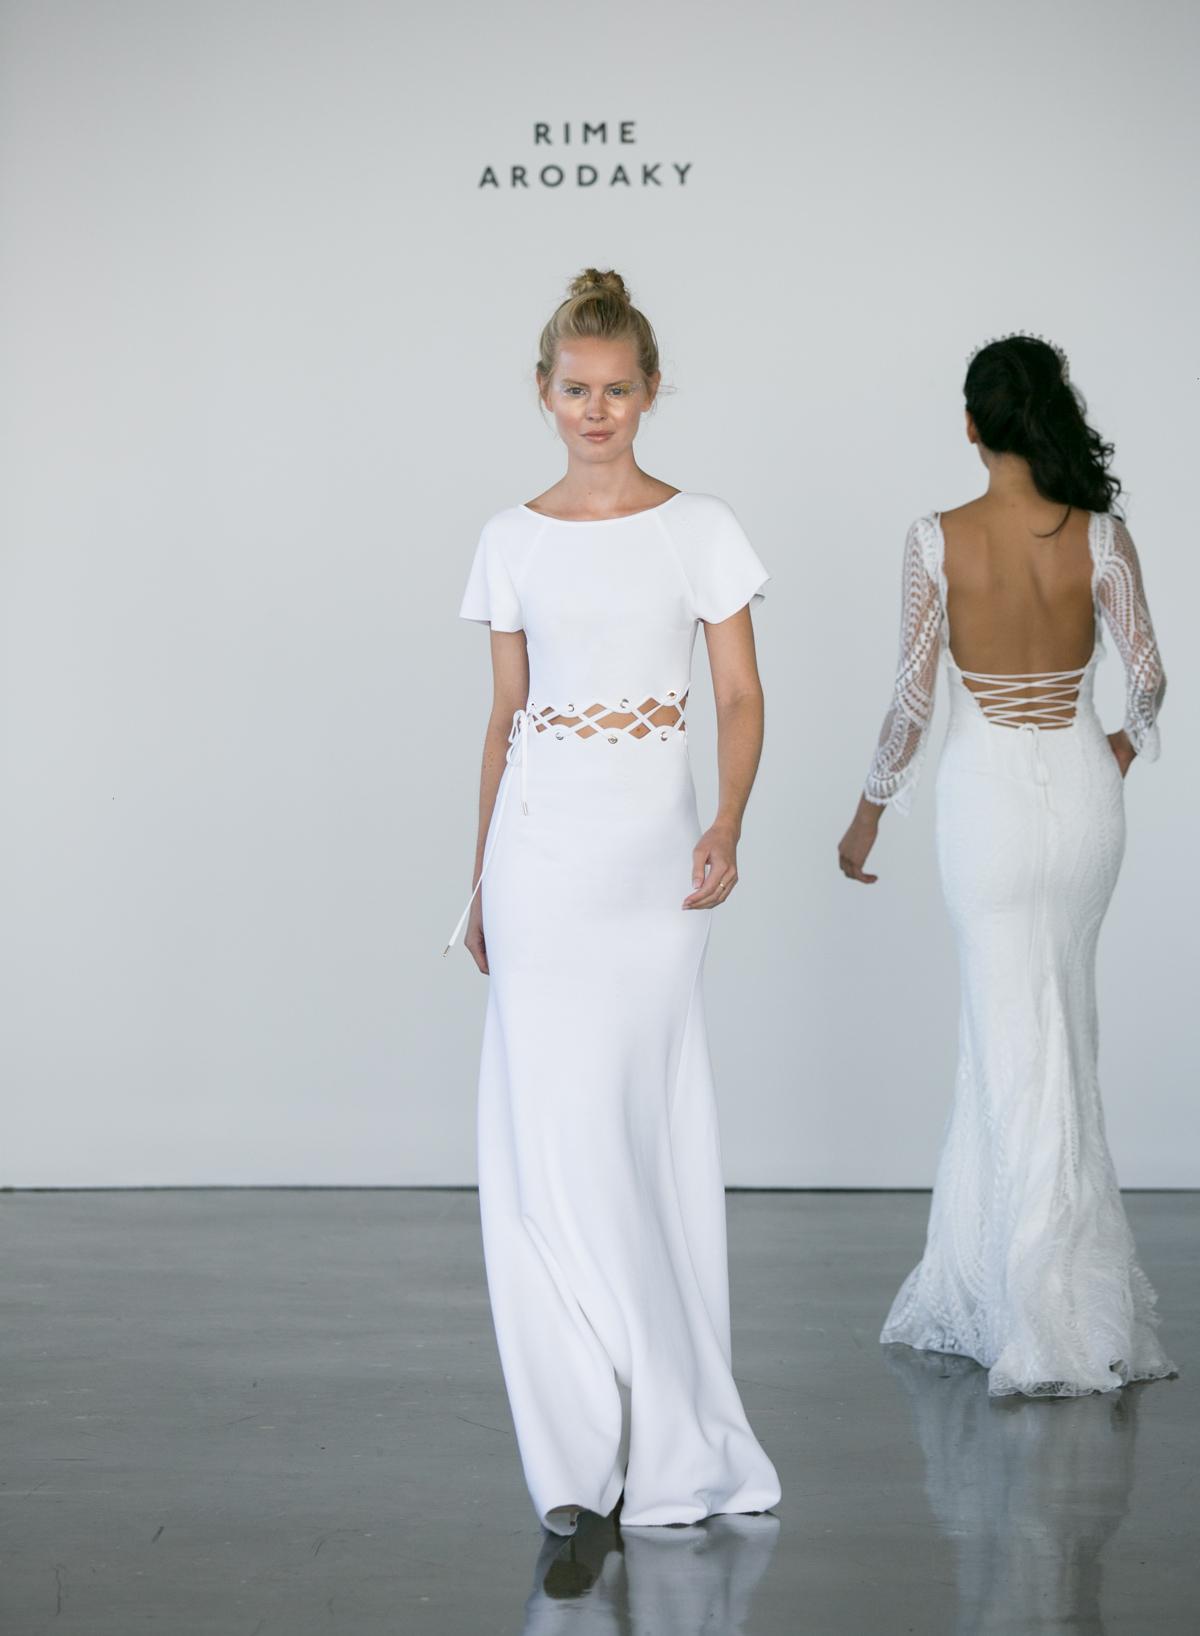 Nachhaltige Brautkleider - Vegane Brautkleider ~ Rime Arodaky